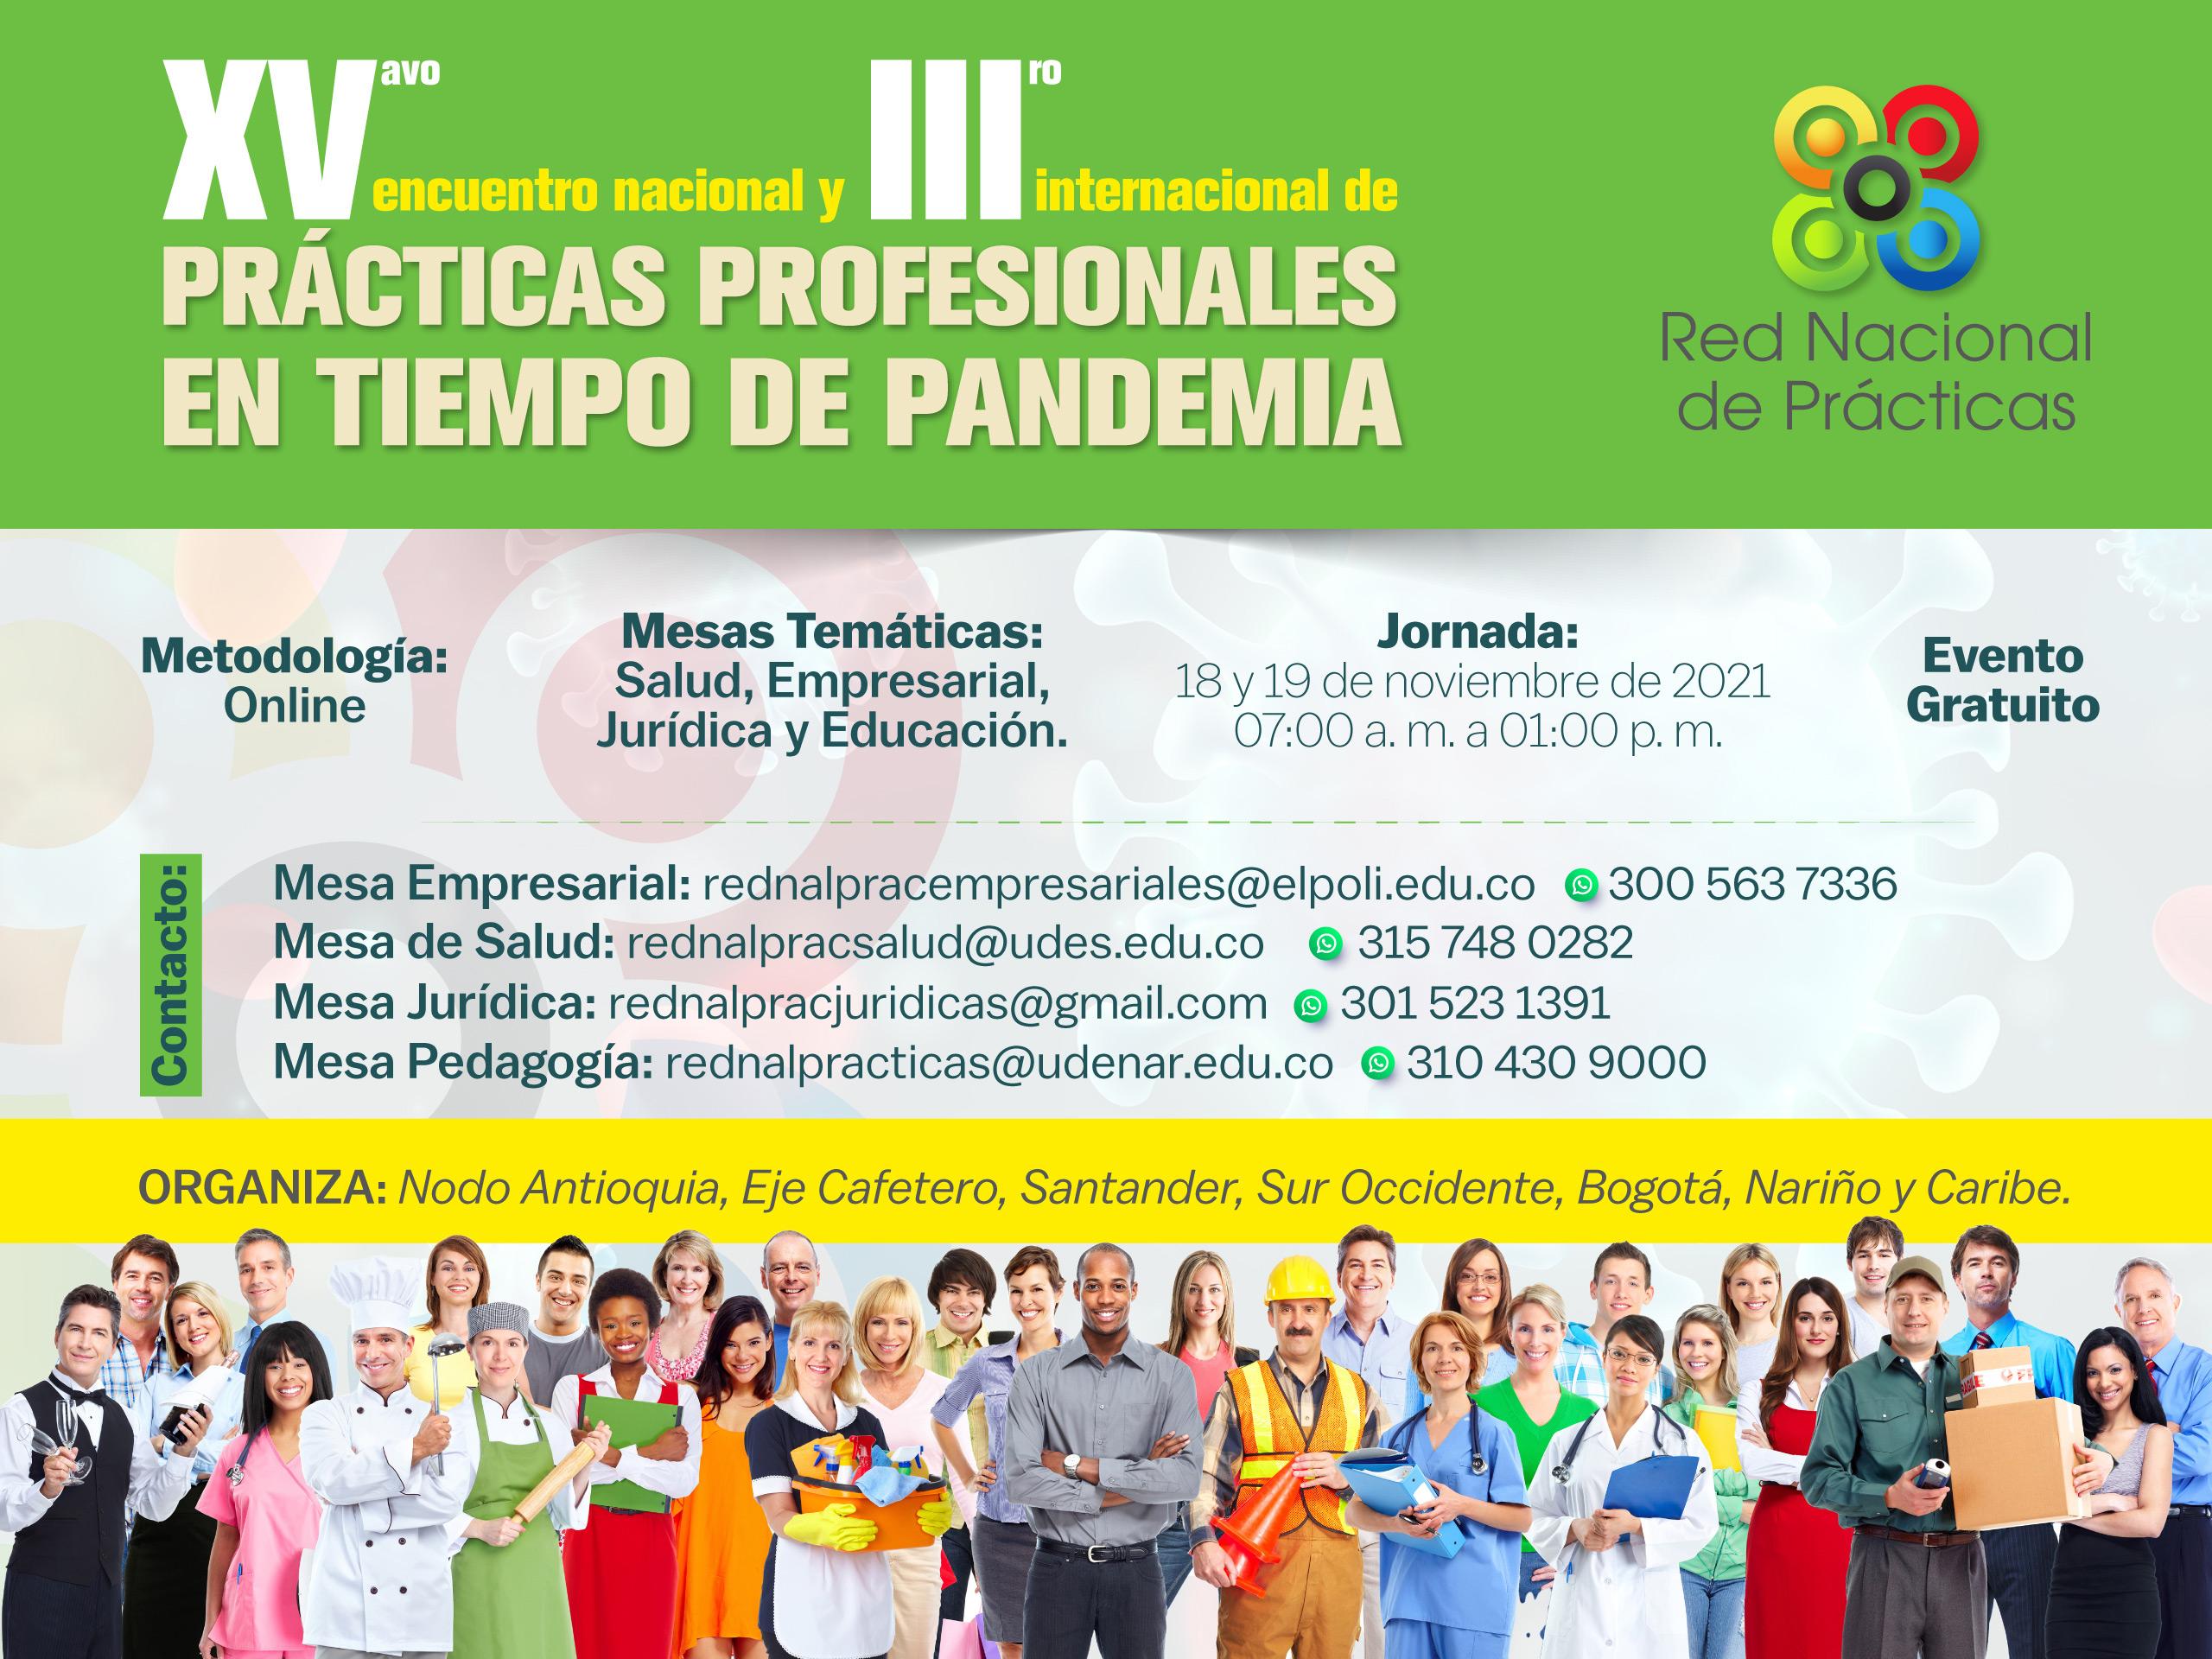 Red-Nacional-de-practicas-Colombia-2021